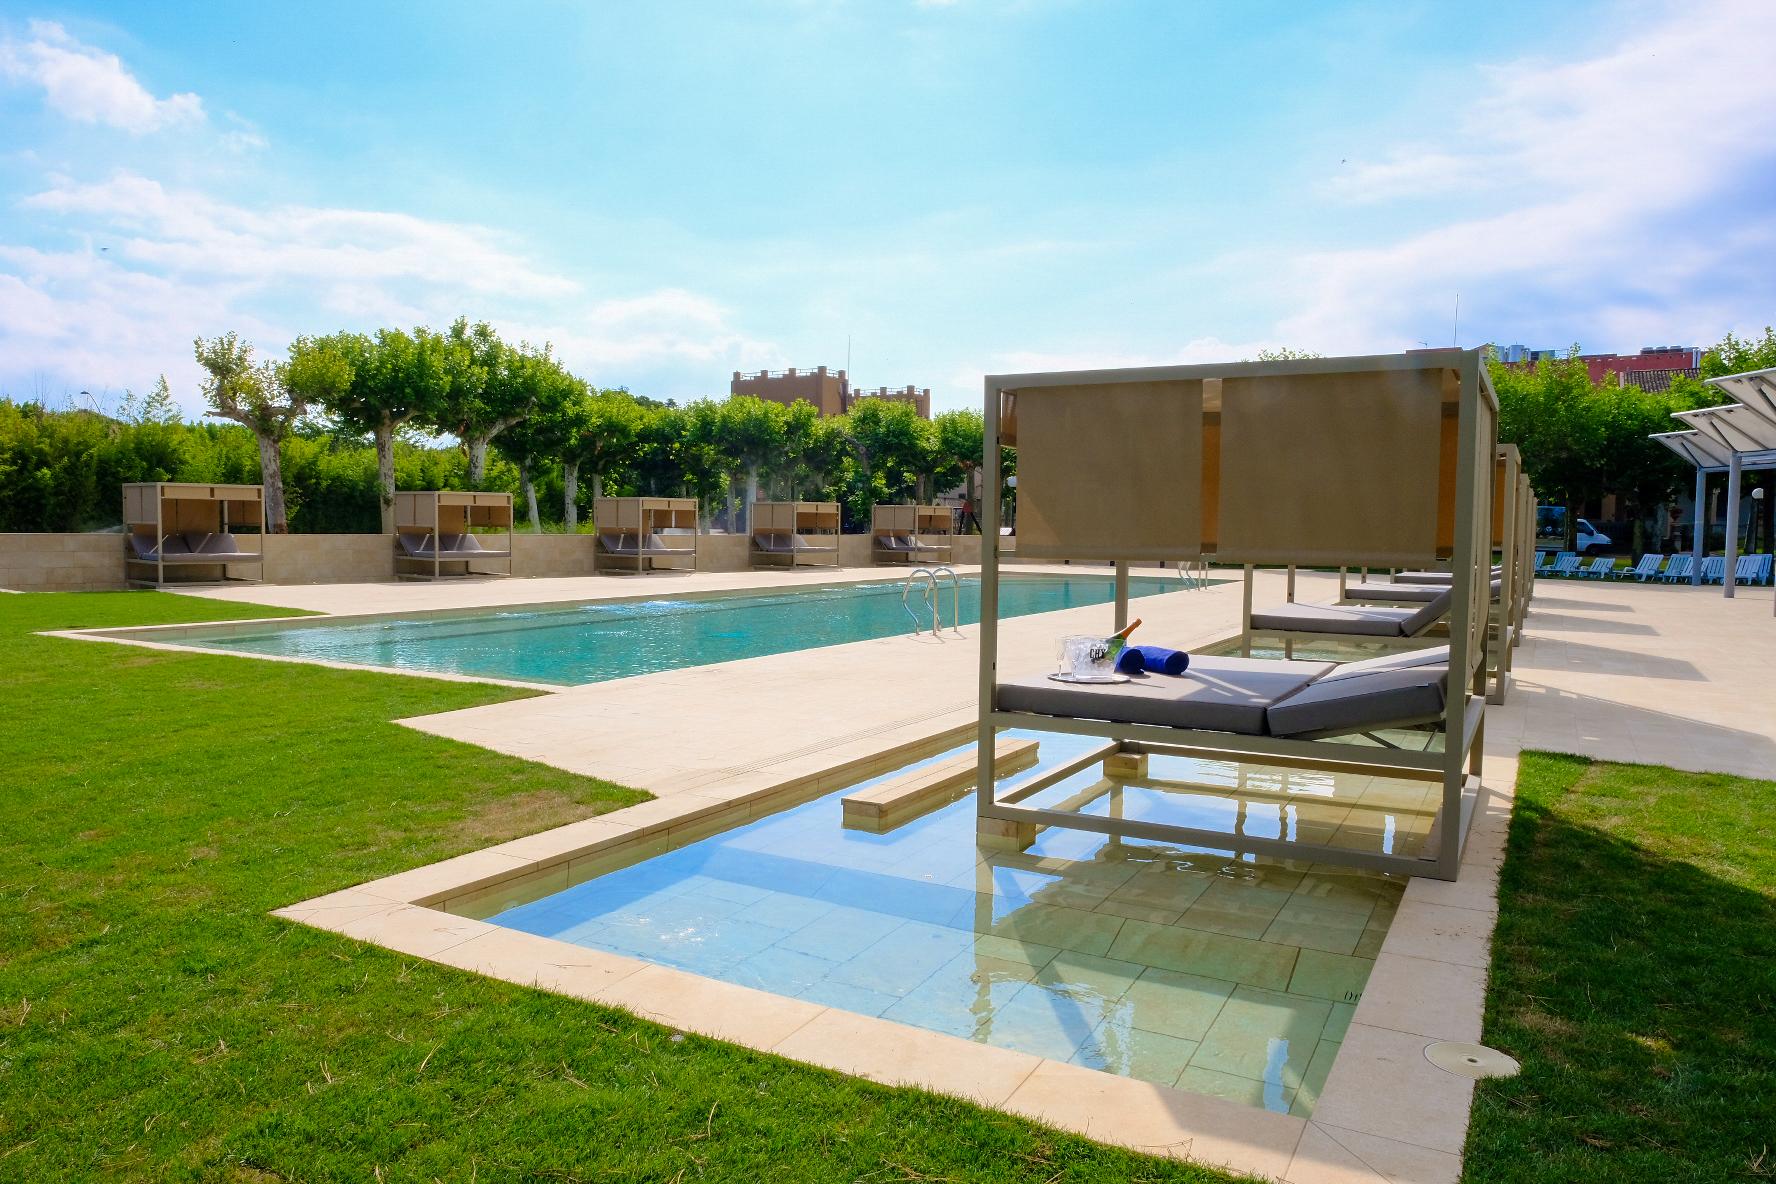 Vichy catalan estrena piscina de agua climatizada en su for Piscina en catalan